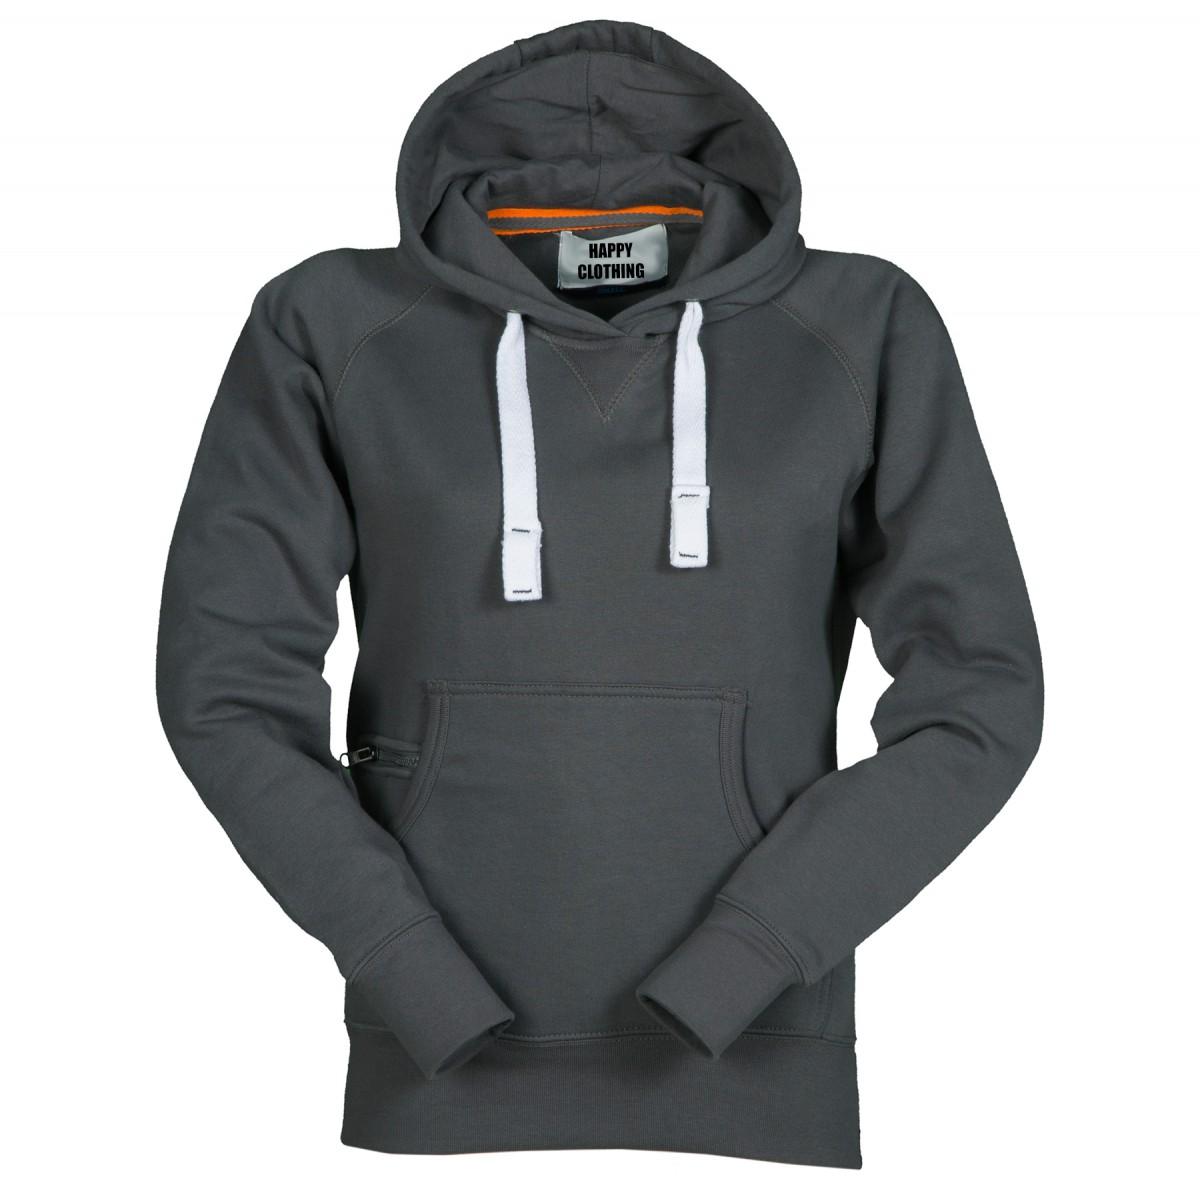 damen kapuzenpullover pulli hoodie s m l. Black Bedroom Furniture Sets. Home Design Ideas